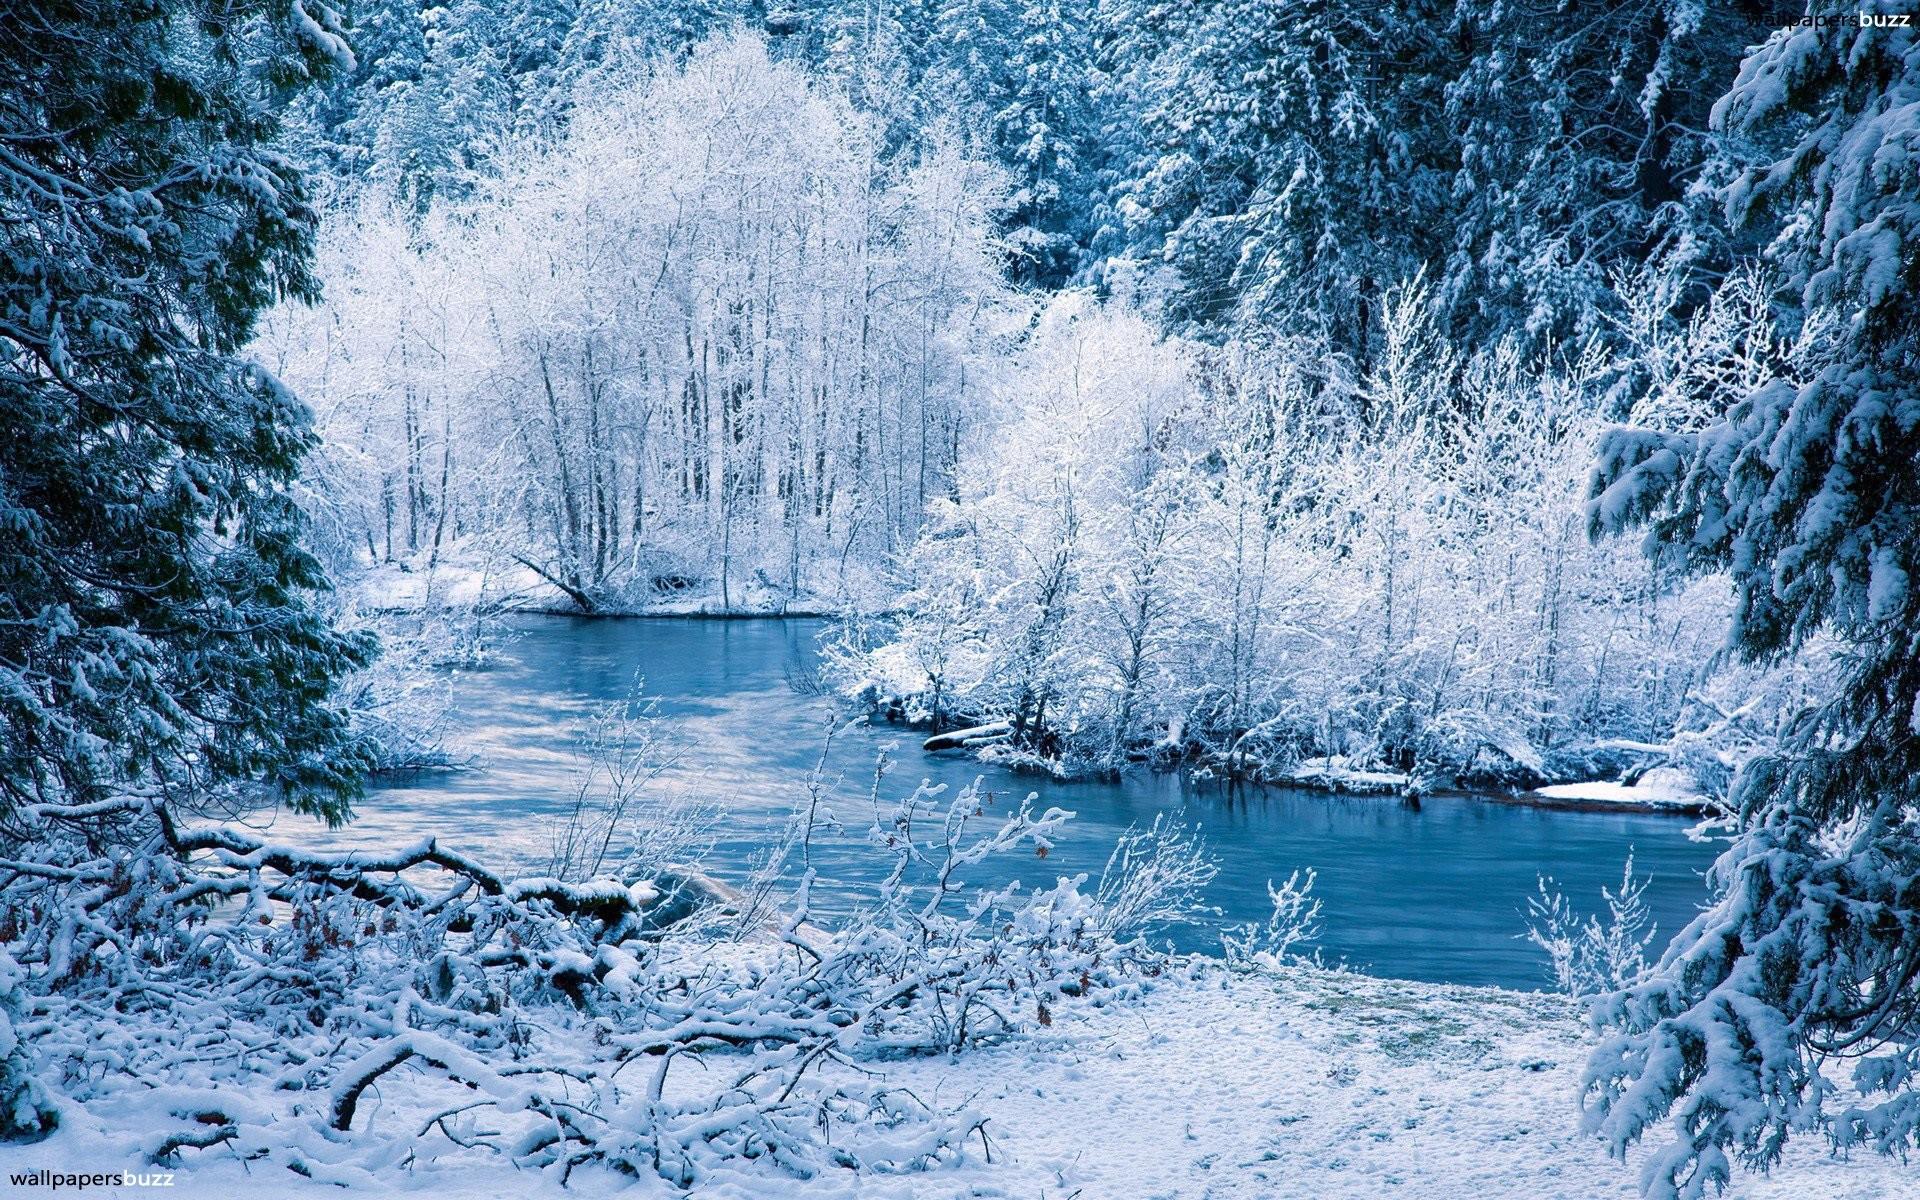 Winter Forest River Wallpaper 964 1920 x 1200 – WallpaperLayer.com